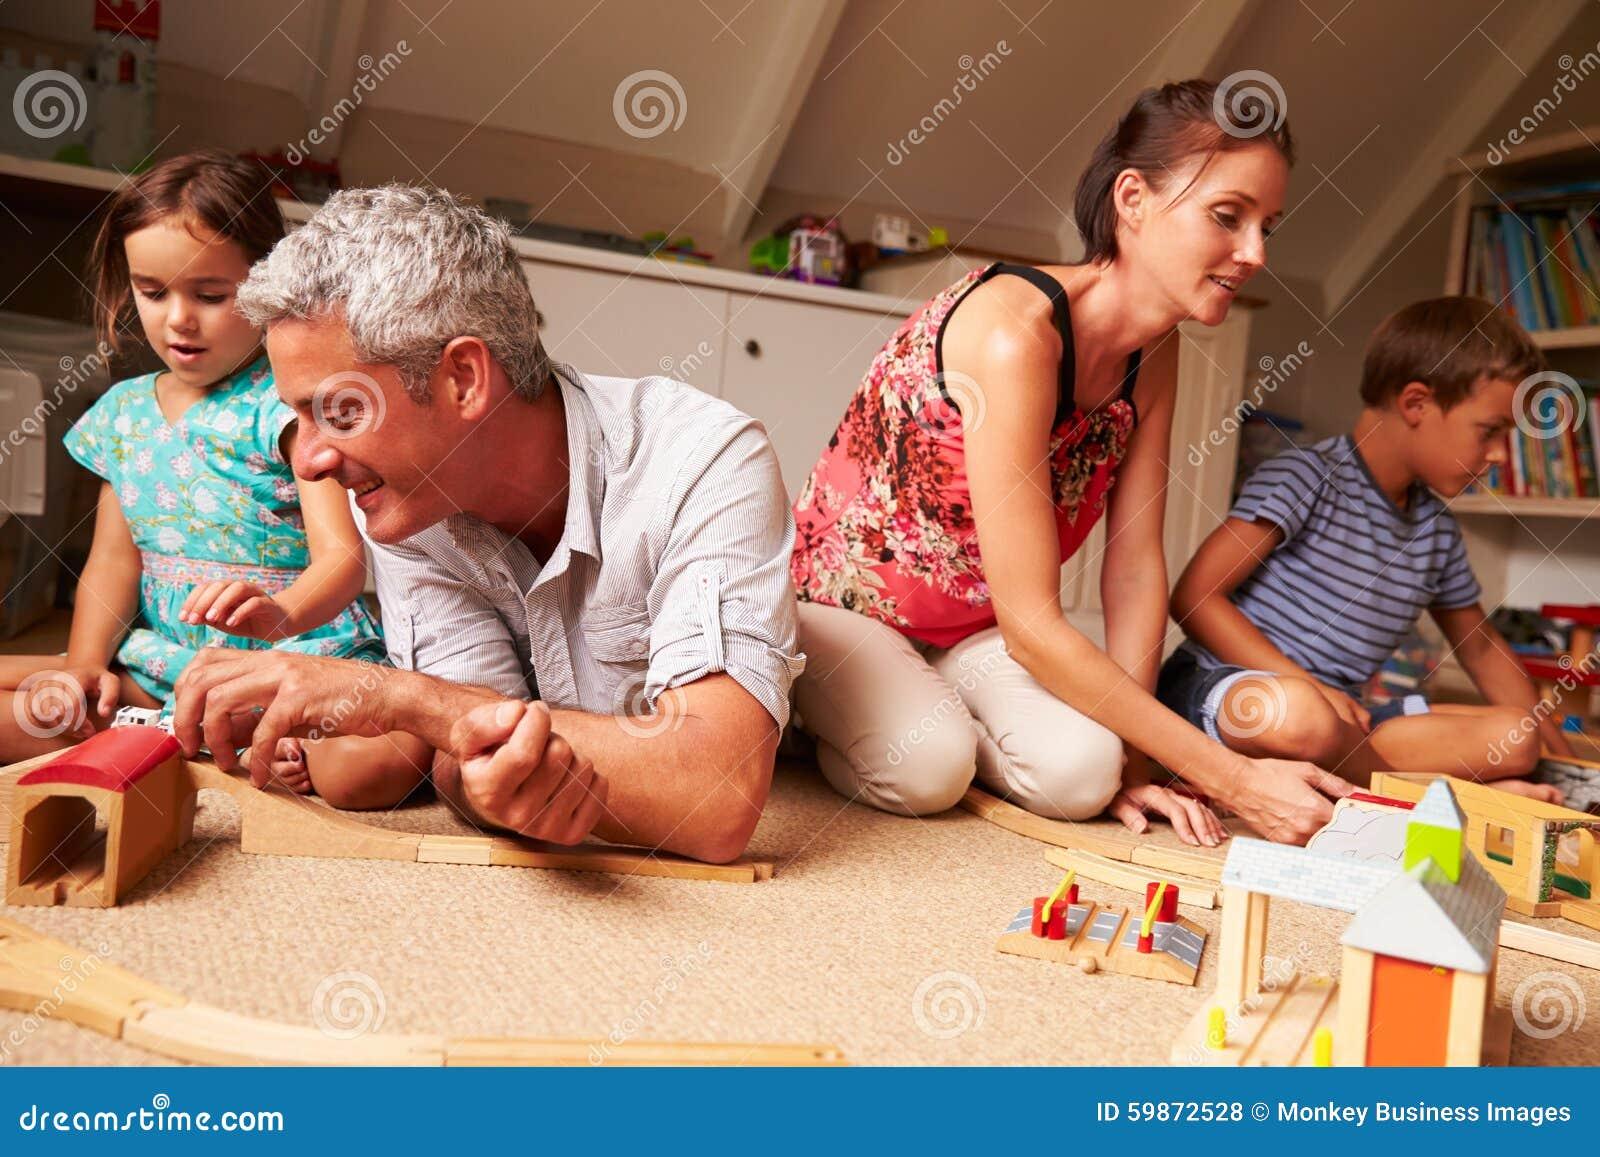 Genitori che giocano con i bambini ed i giocattoli in una for Semplici piani di una stanza